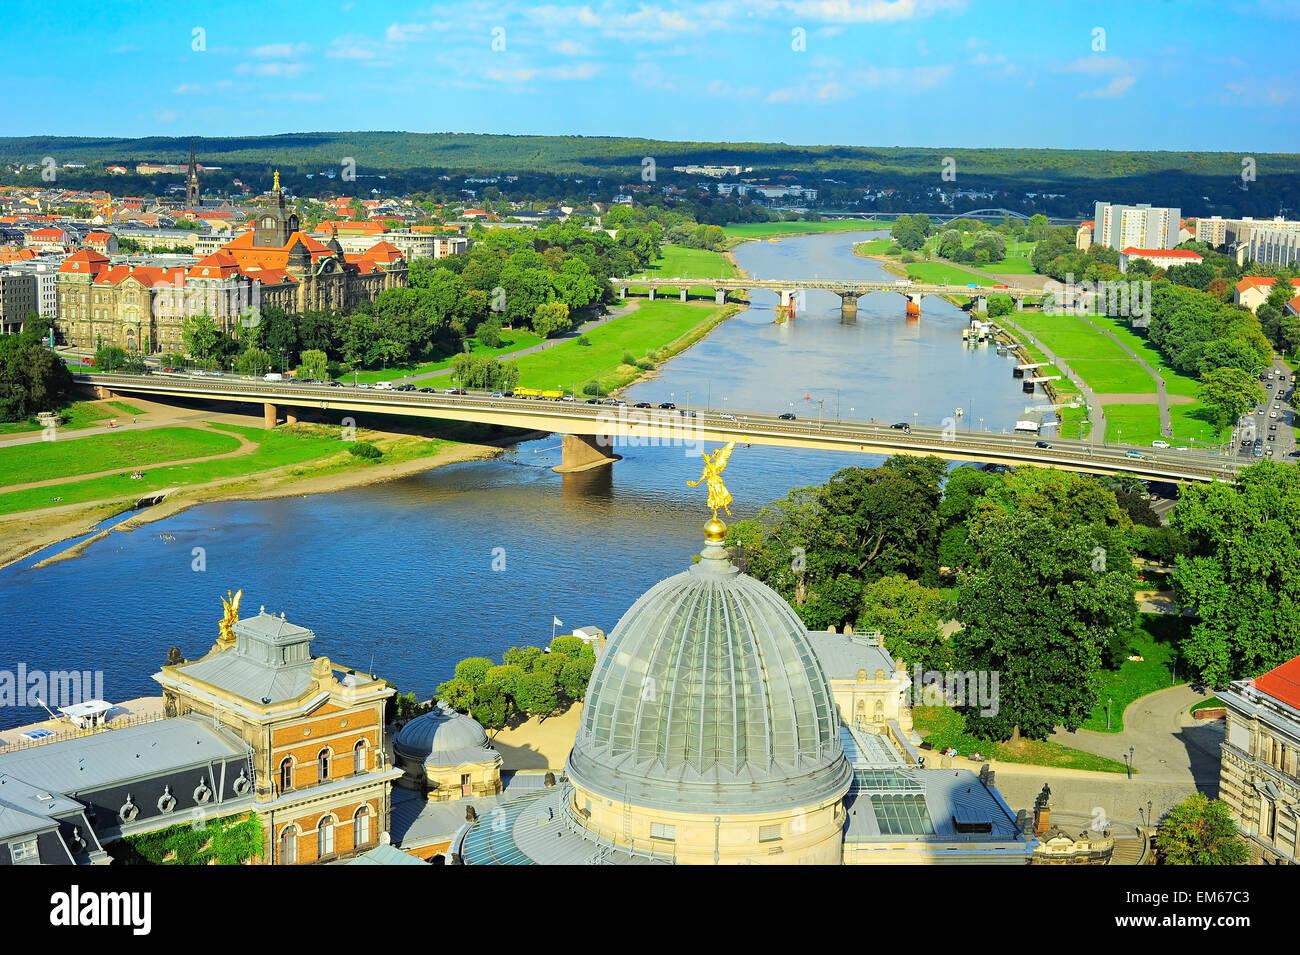 Luftbild an Elbe von Frauenkirche. Dresden, Deutschland Stockbild